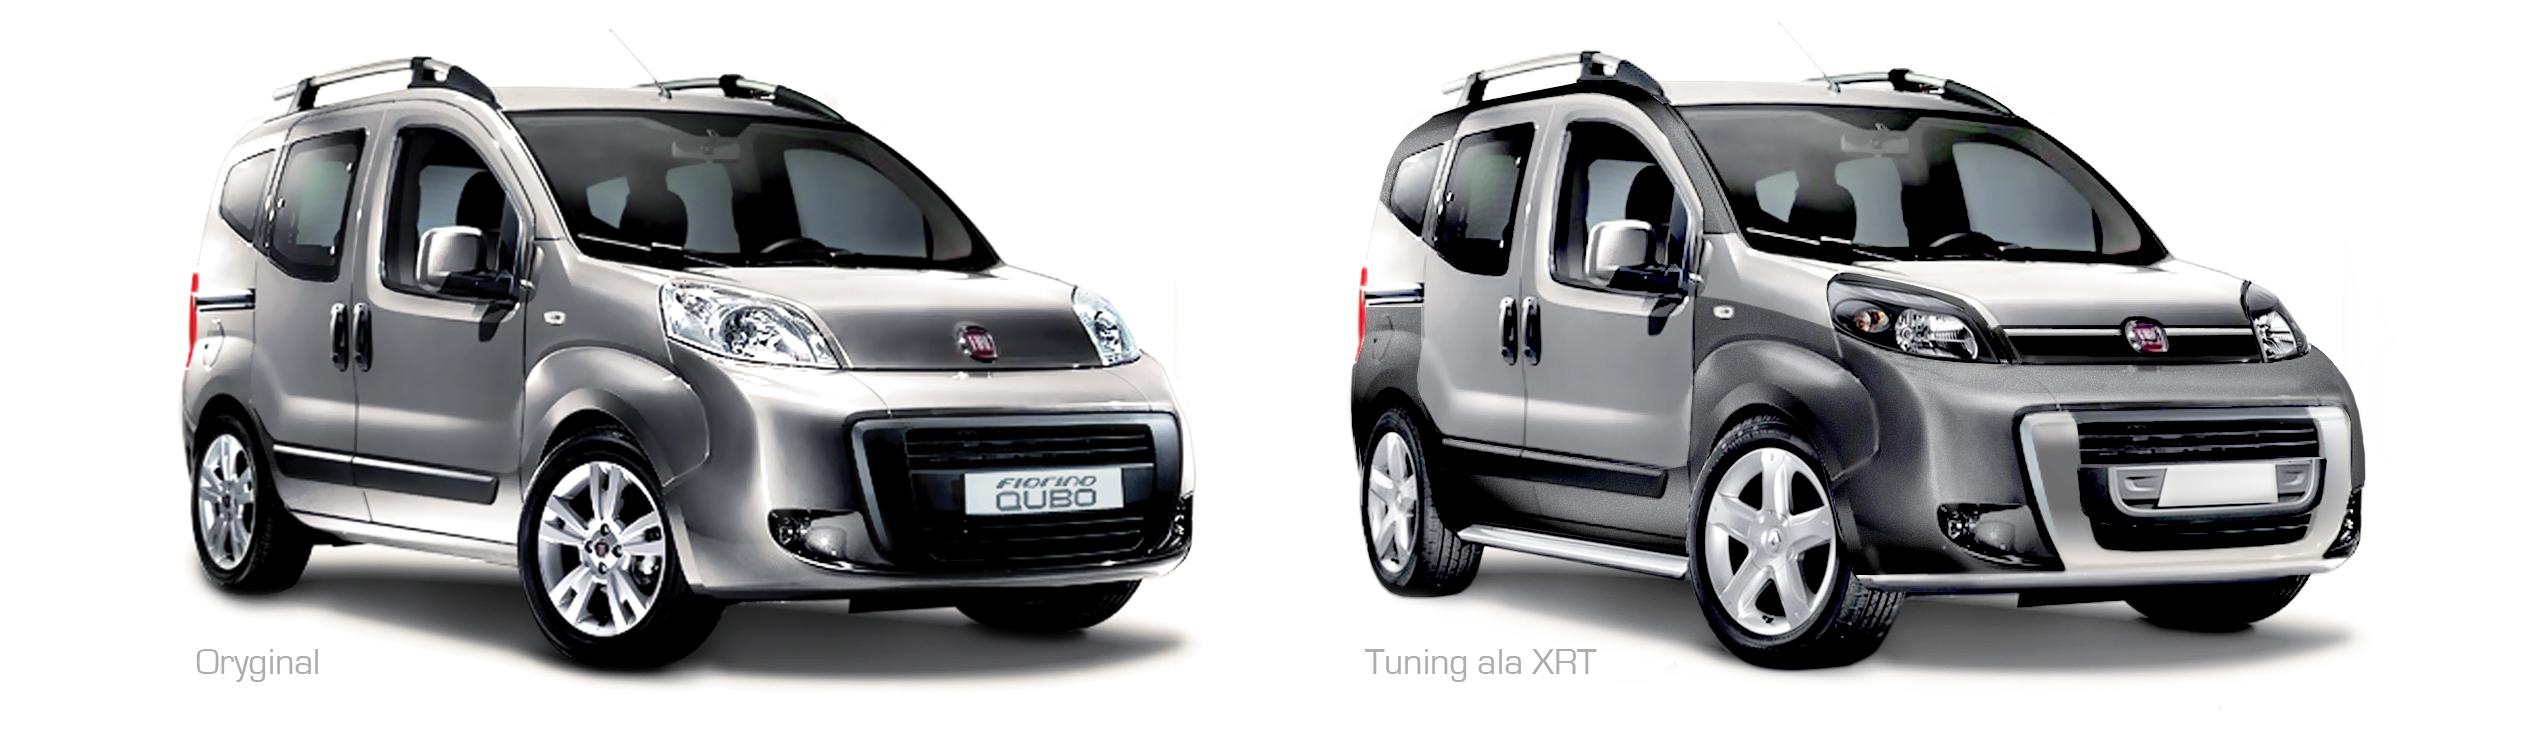 Fiat Qubo tuning 2008